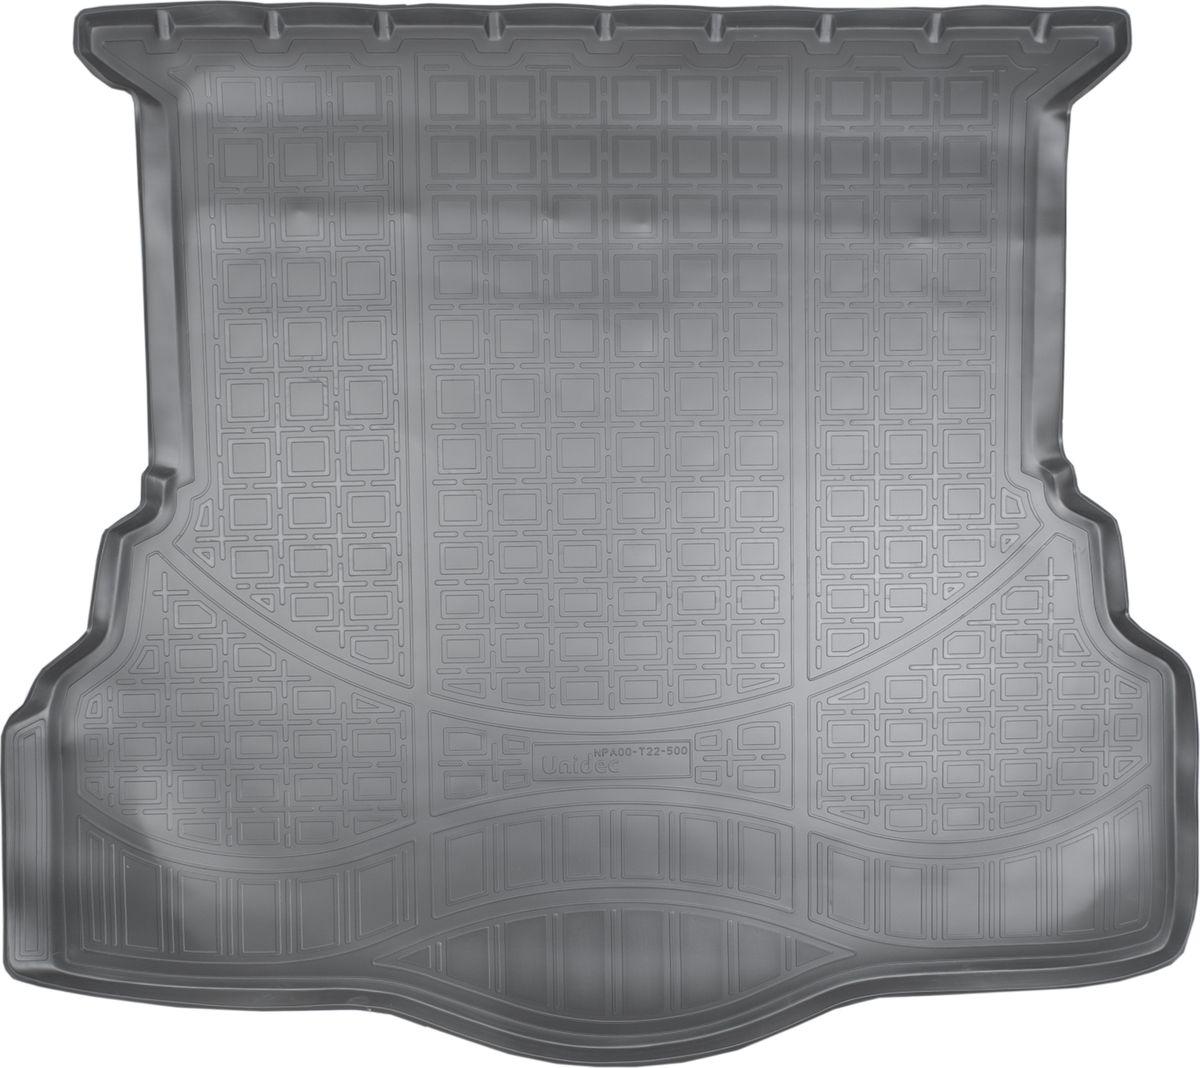 Ковер автомобильный NorPlast, в багажник, для Ford Mondeo, 2013-, V SD, полиуретанNPA00-T22-500Прочные и долговечные коврики в салон автомобиля NorPlast, изготовленный из высококачественного и экологичного сырья, полностью повторяет геометрию салона автомобиля. - Надежная система крепления, позволяющая закрепить коврик на штатные элементы фиксации, в результате чего отсутствует эффект скольжения по салону автомобиля. - Высокая стойкость поверхности к стиранию. - Специализированный рисунок и высокий борт, препятствующие распространению грязи и жидкости по поверхности коврика. - Перемычка задних ковриков в комплекте предотвращает загрязнение тоннеля карданного вала. - Произведены из первичных материалов, в результате чего отсутствует неприятный запах в салоне автомобиля. - Высокая эластичность, можно беспрепятственно эксплуатировать при температуре от -45°C до +45°C.